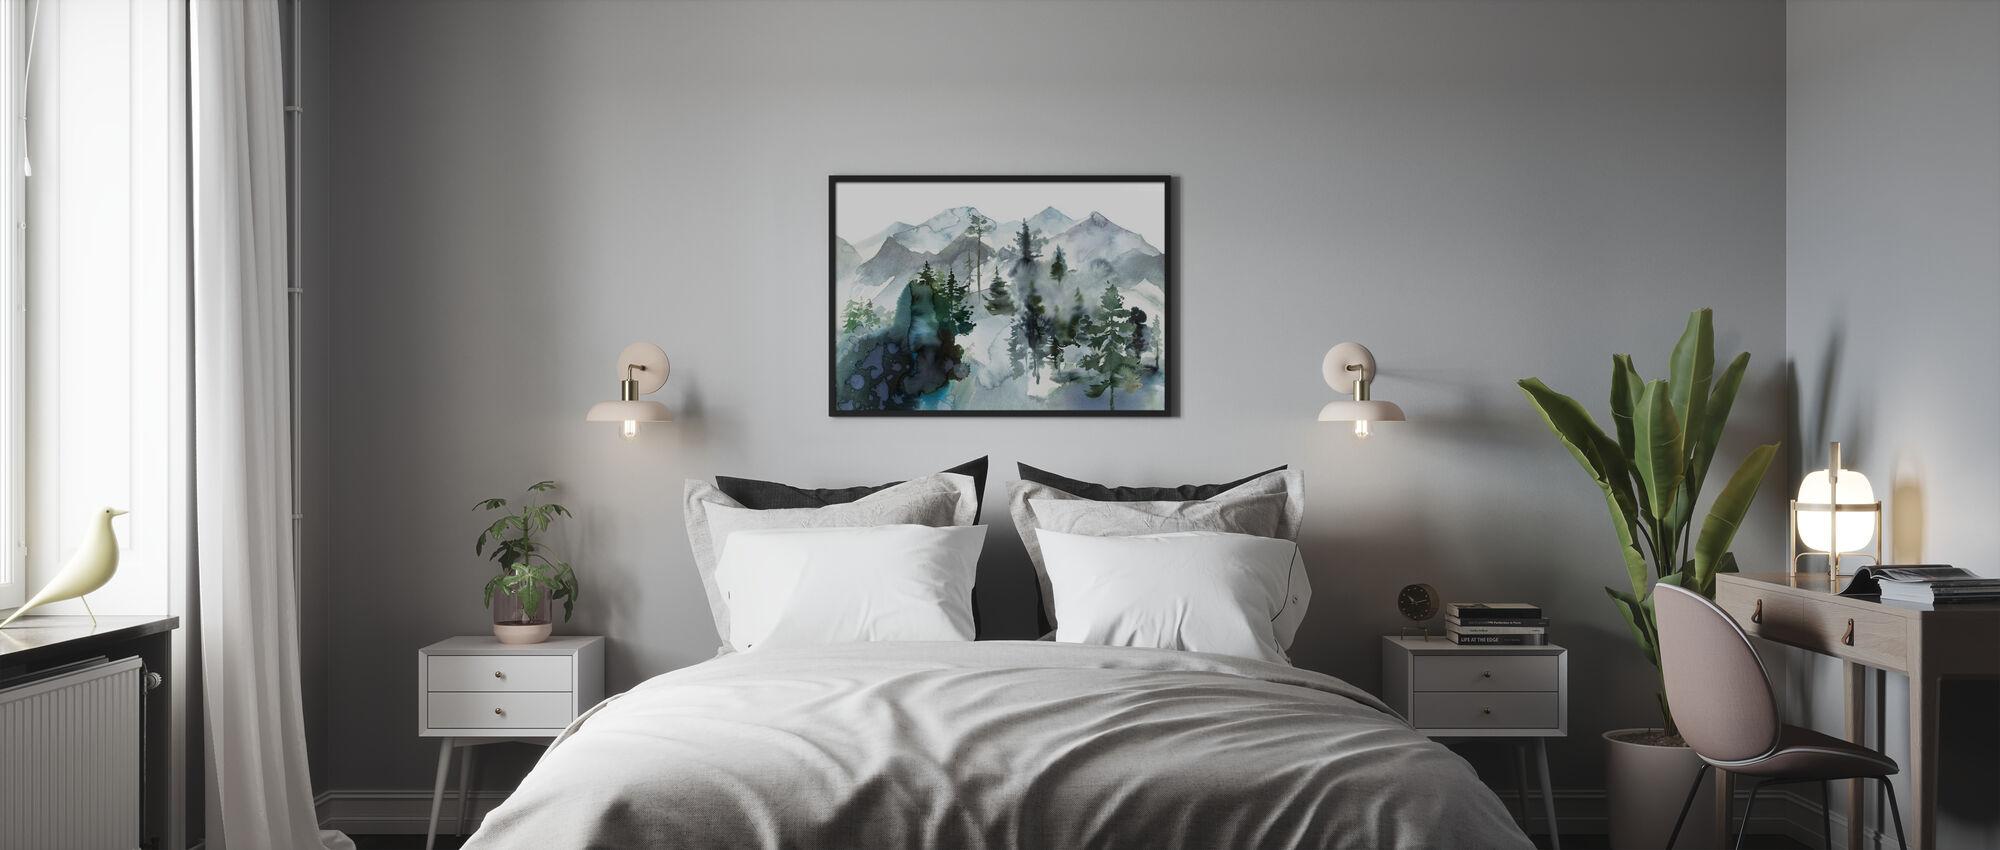 Aquarelllandschaft - Poster - Schlafzimmer